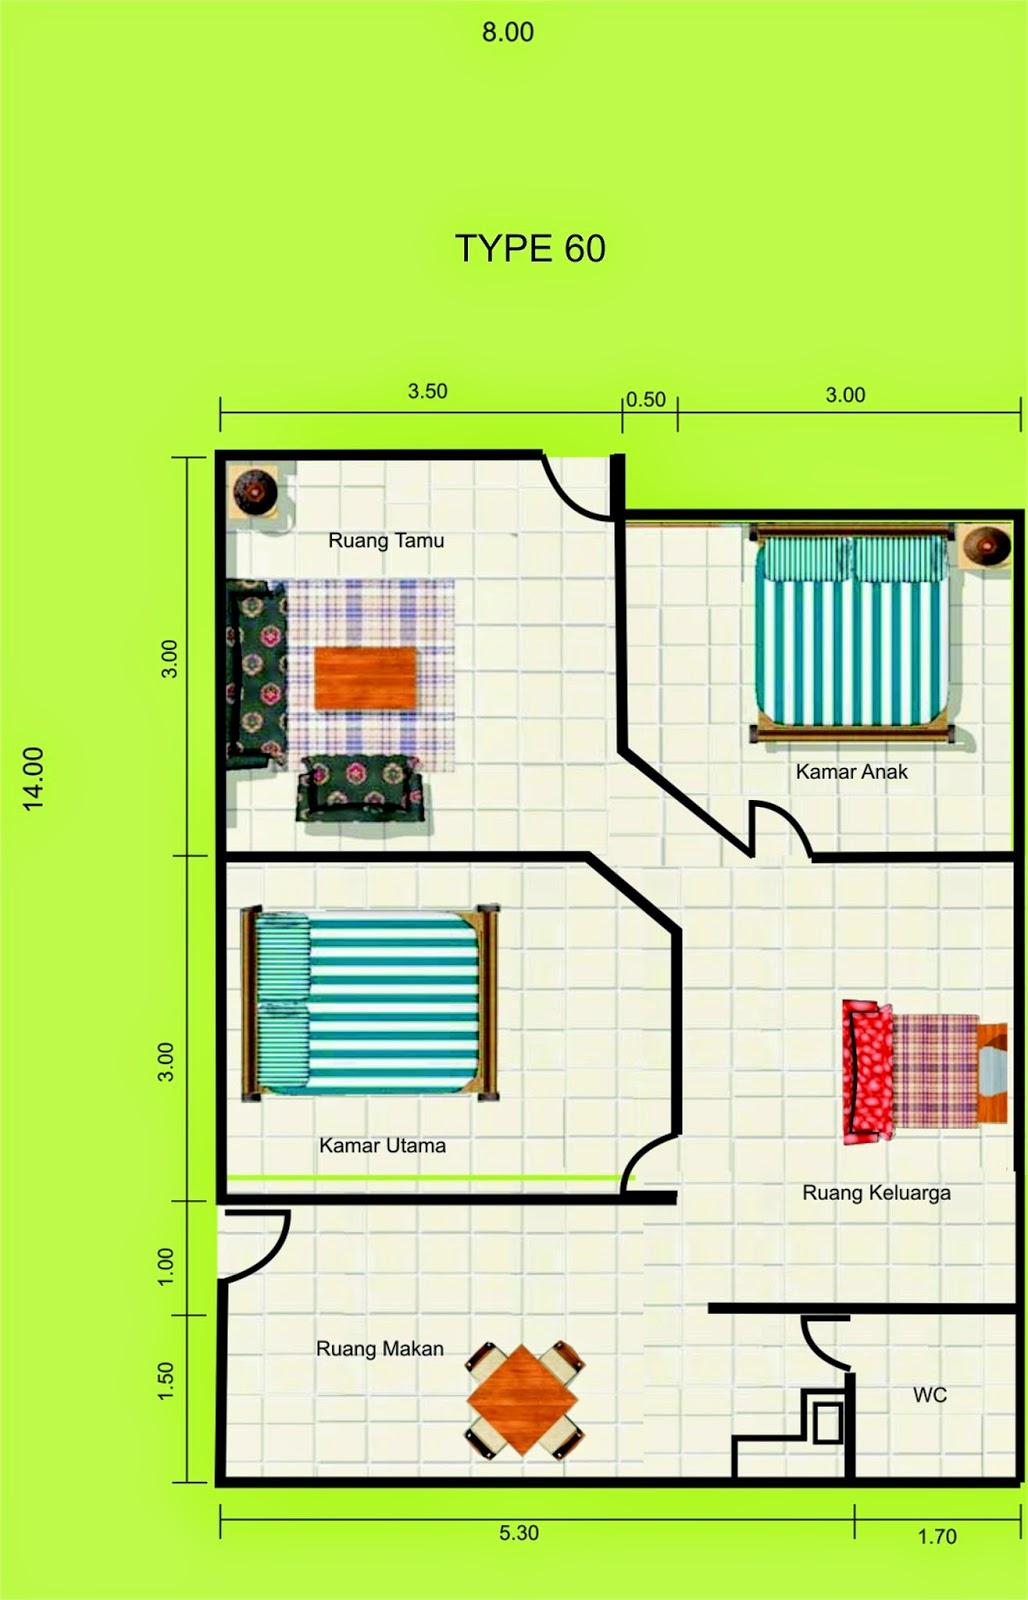 Gambar Rumah TYpe 60 Minimalis